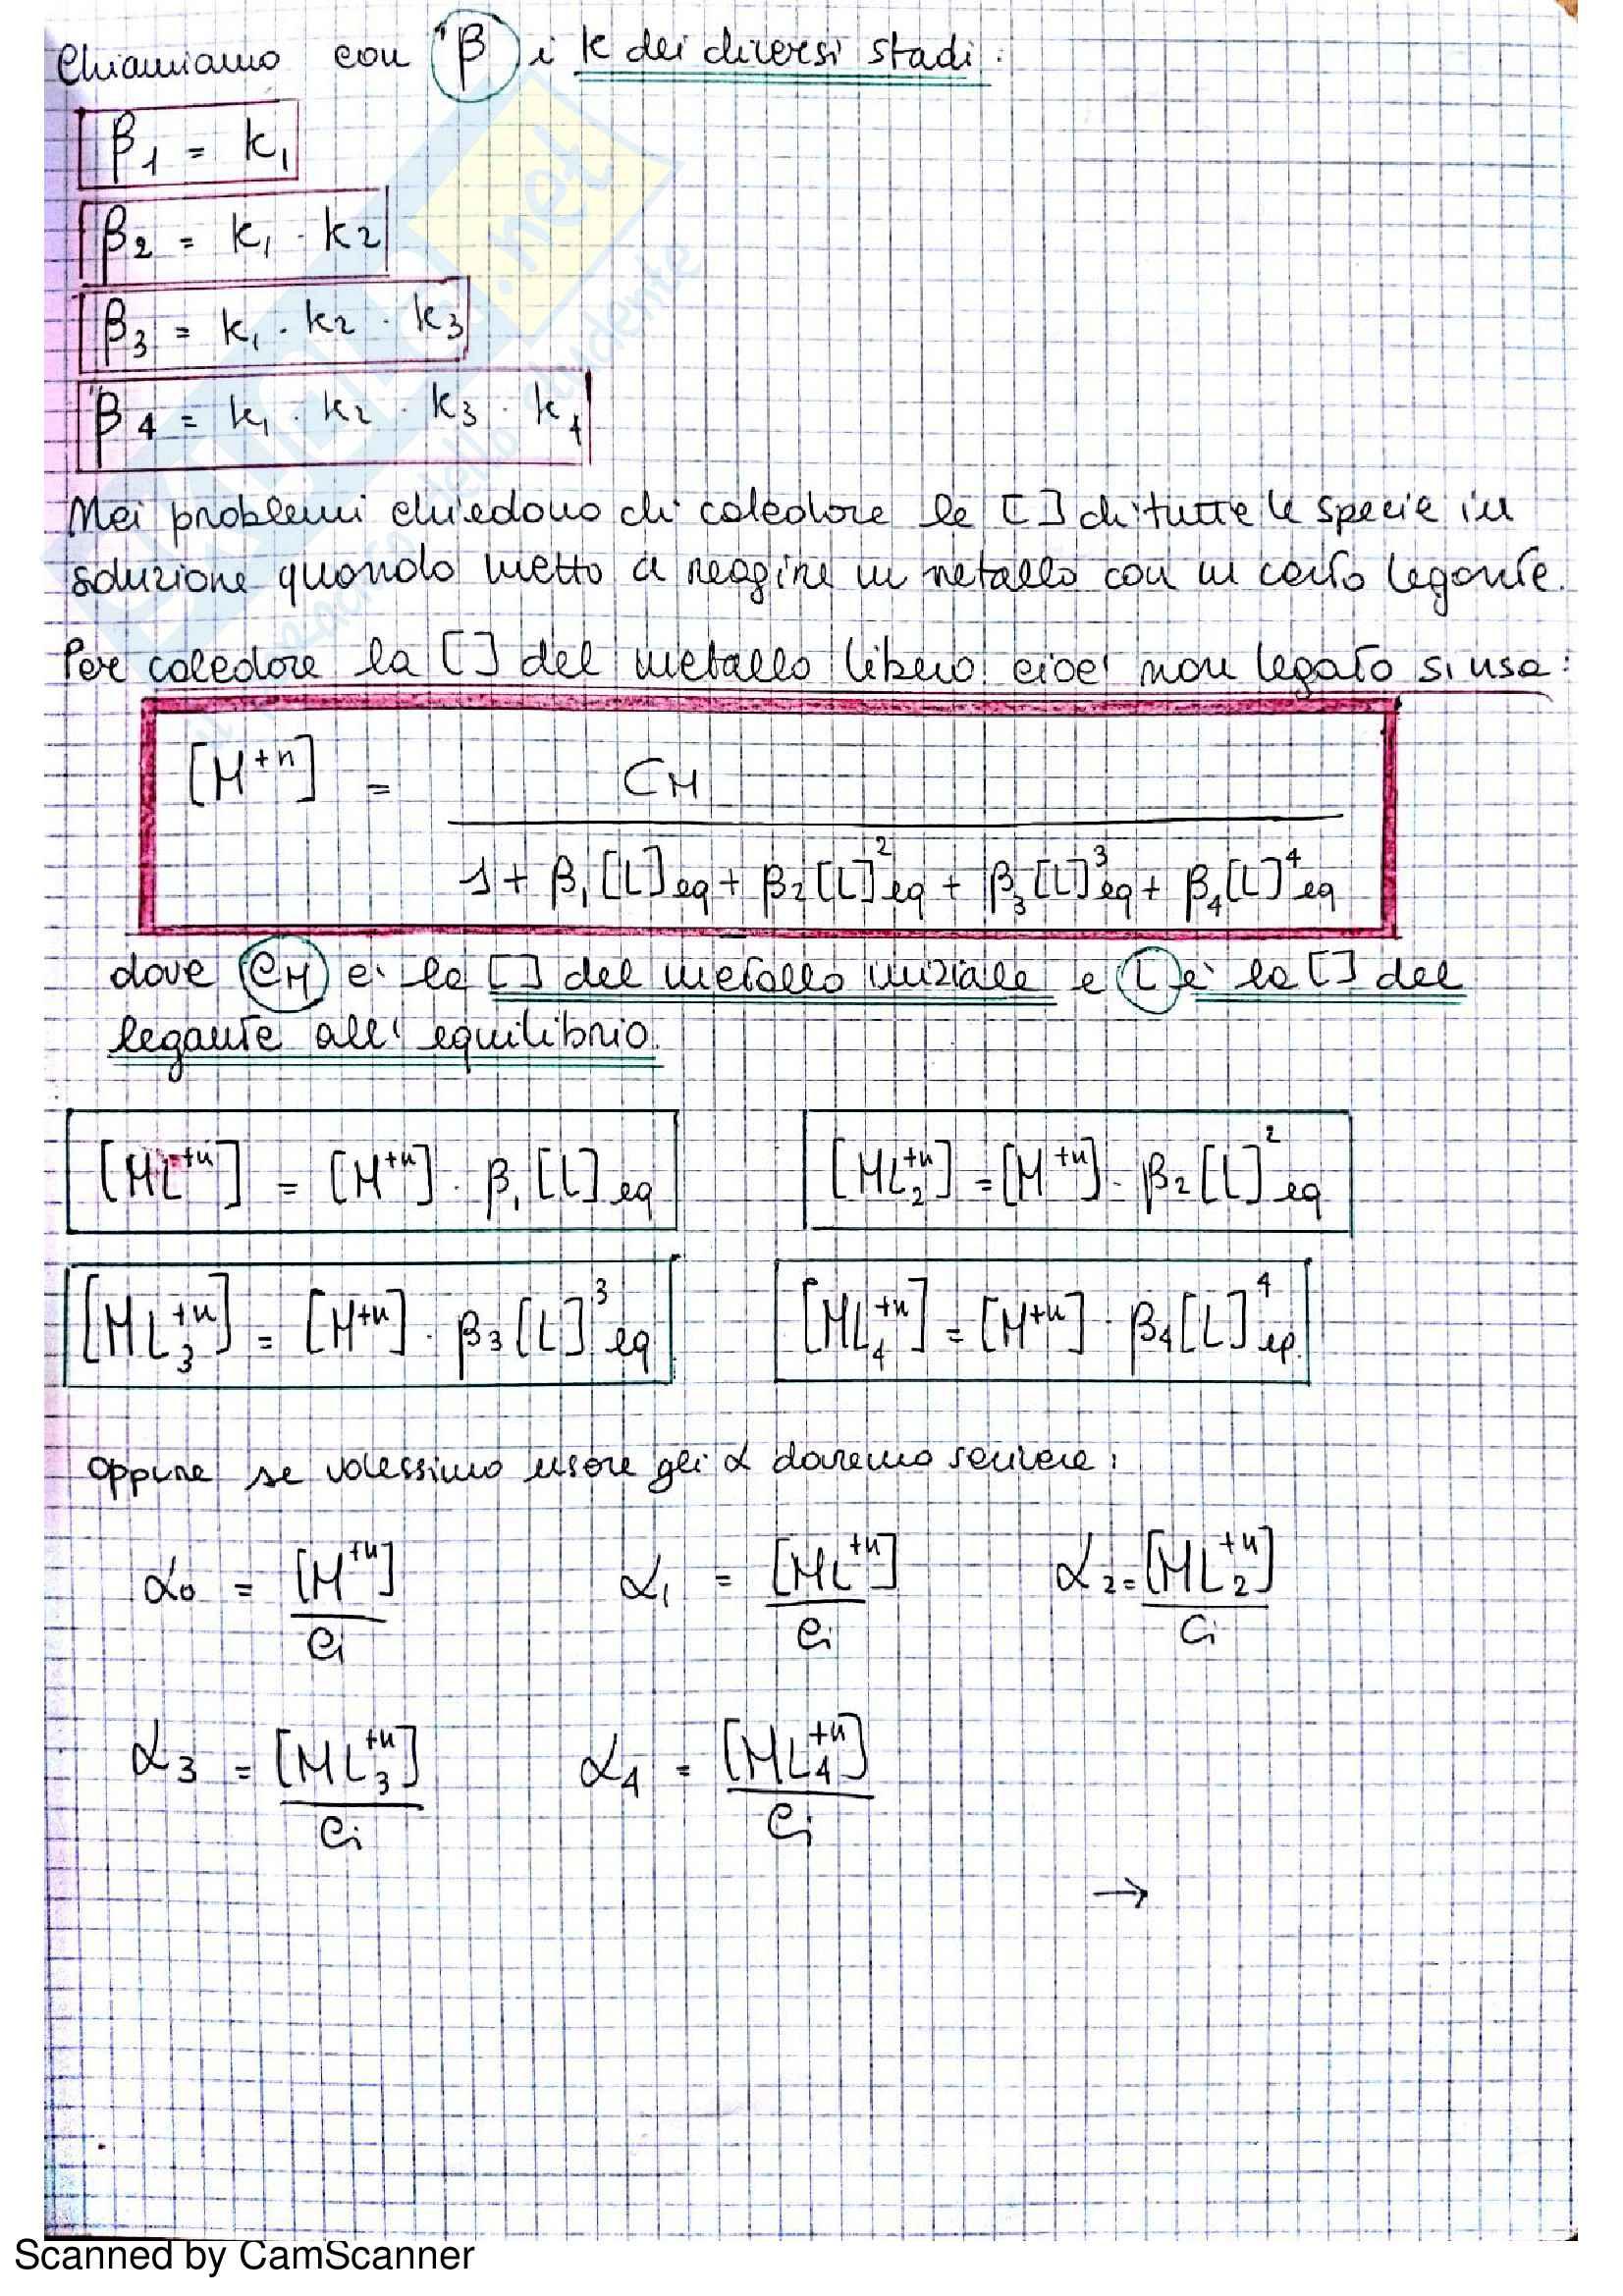 Appunti completi di chimica analitica comprensivi di esercizi d'esame Pag. 31